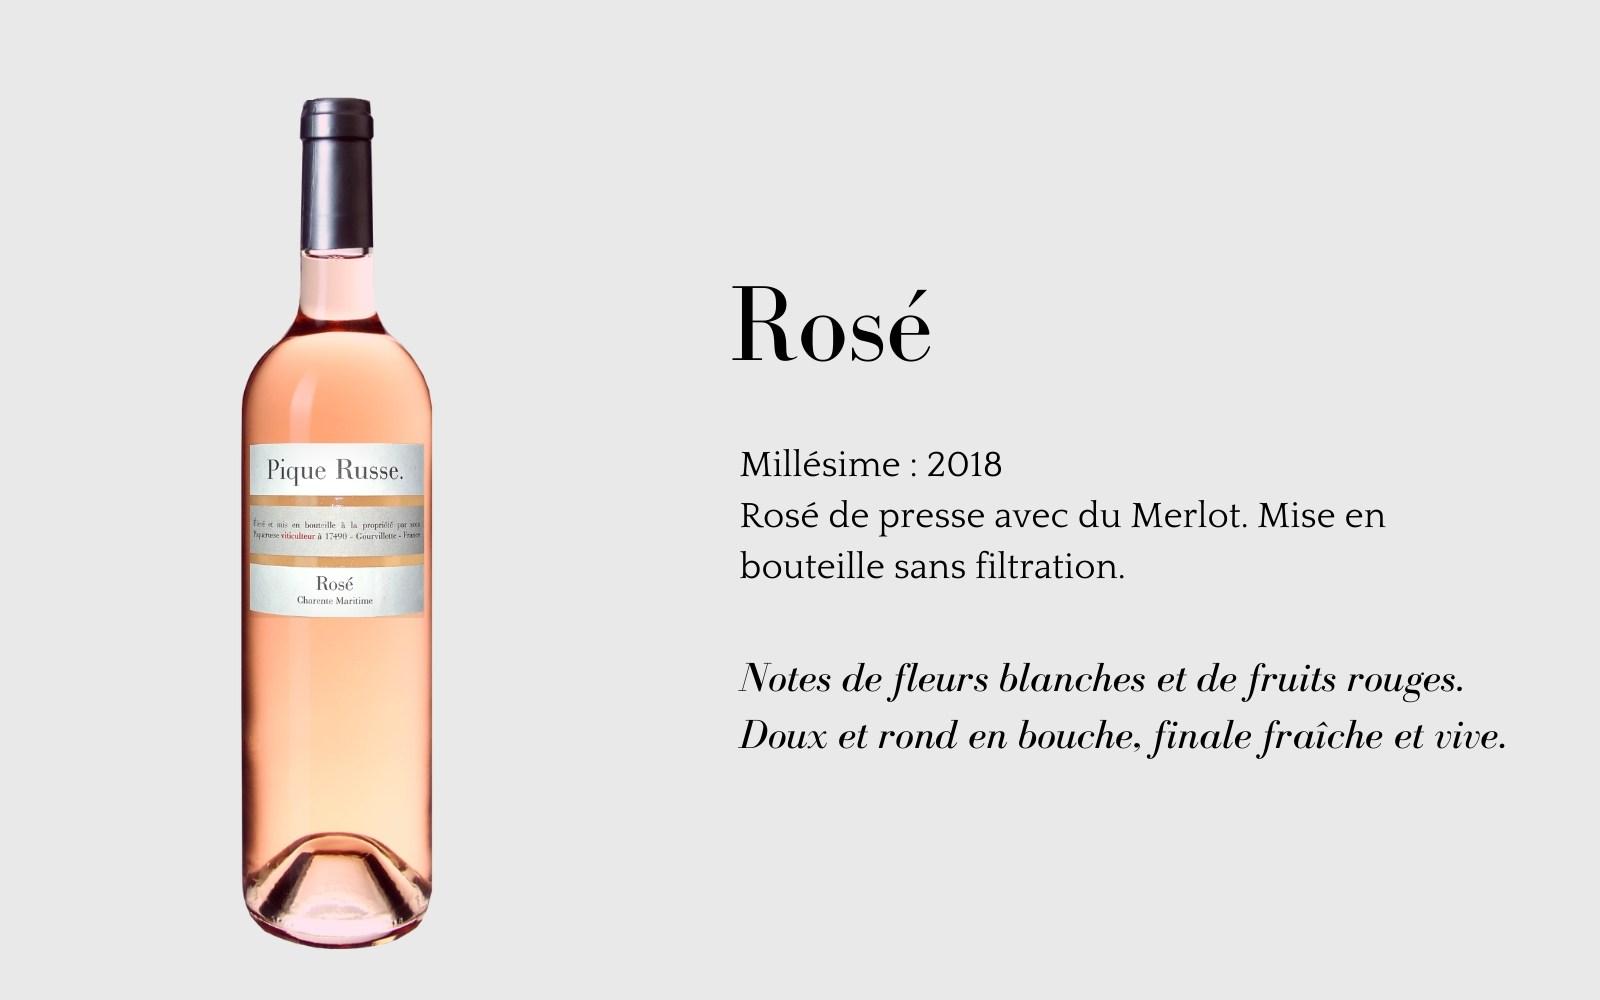 Rosé de Pique Russe